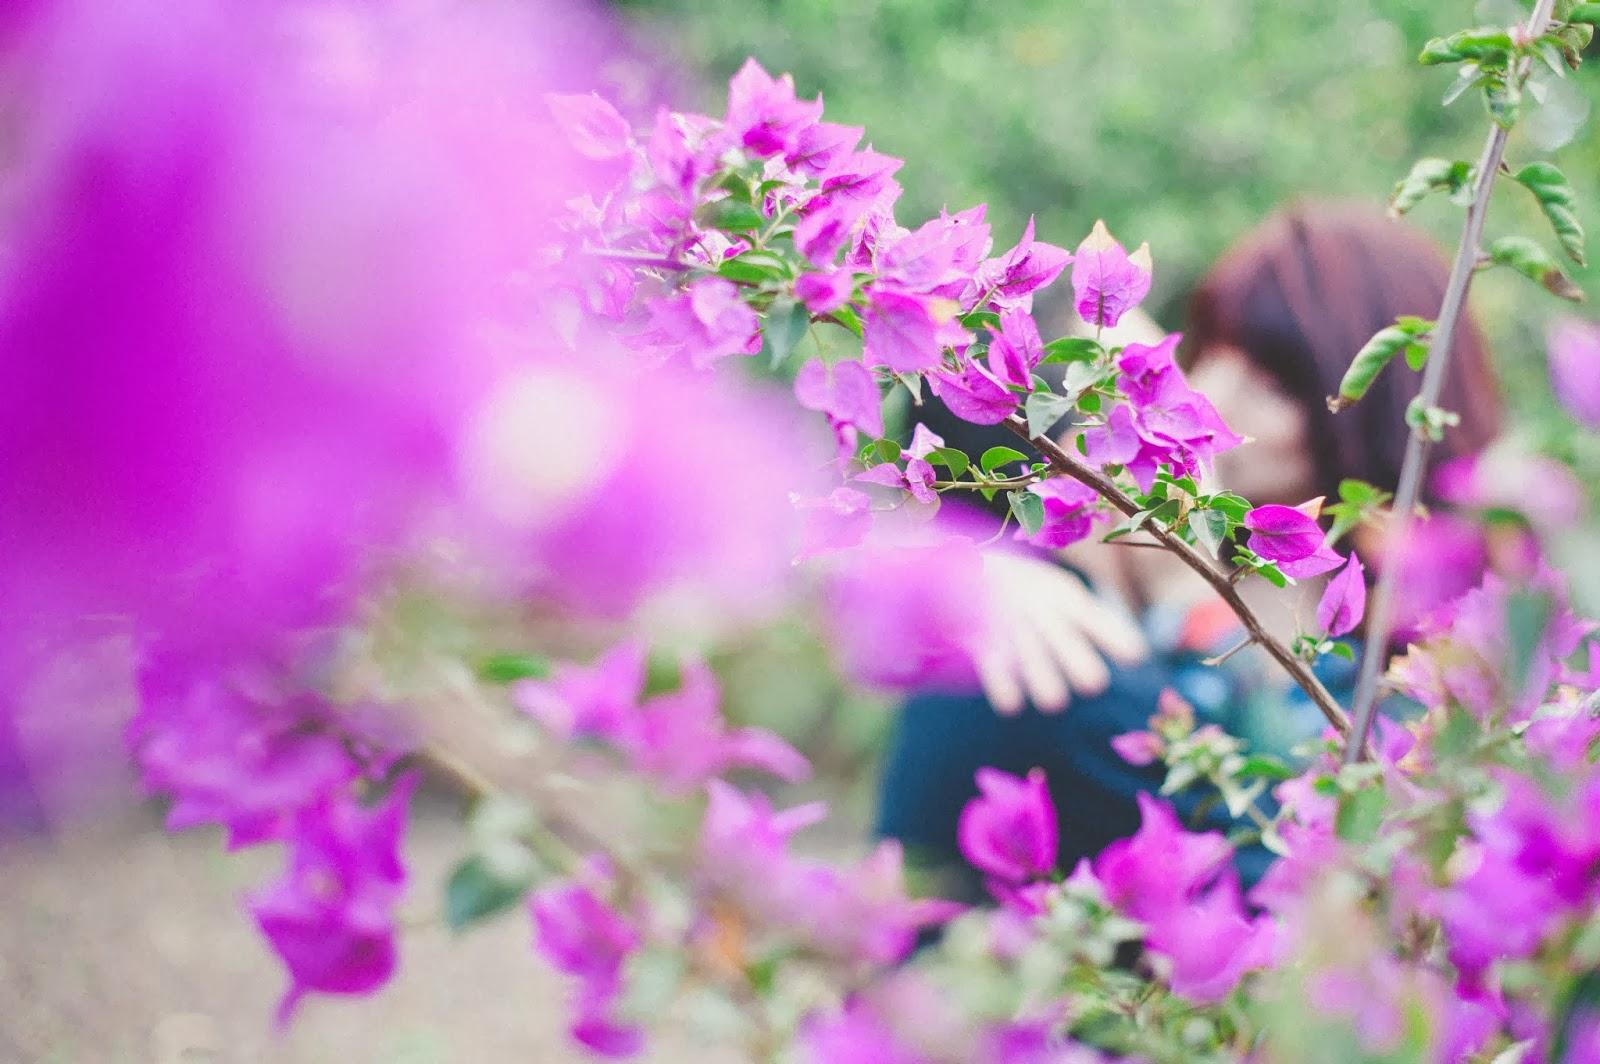 Aljosa petric fotografo de boda las palmas gran canaria - Fotografo las palmas ...